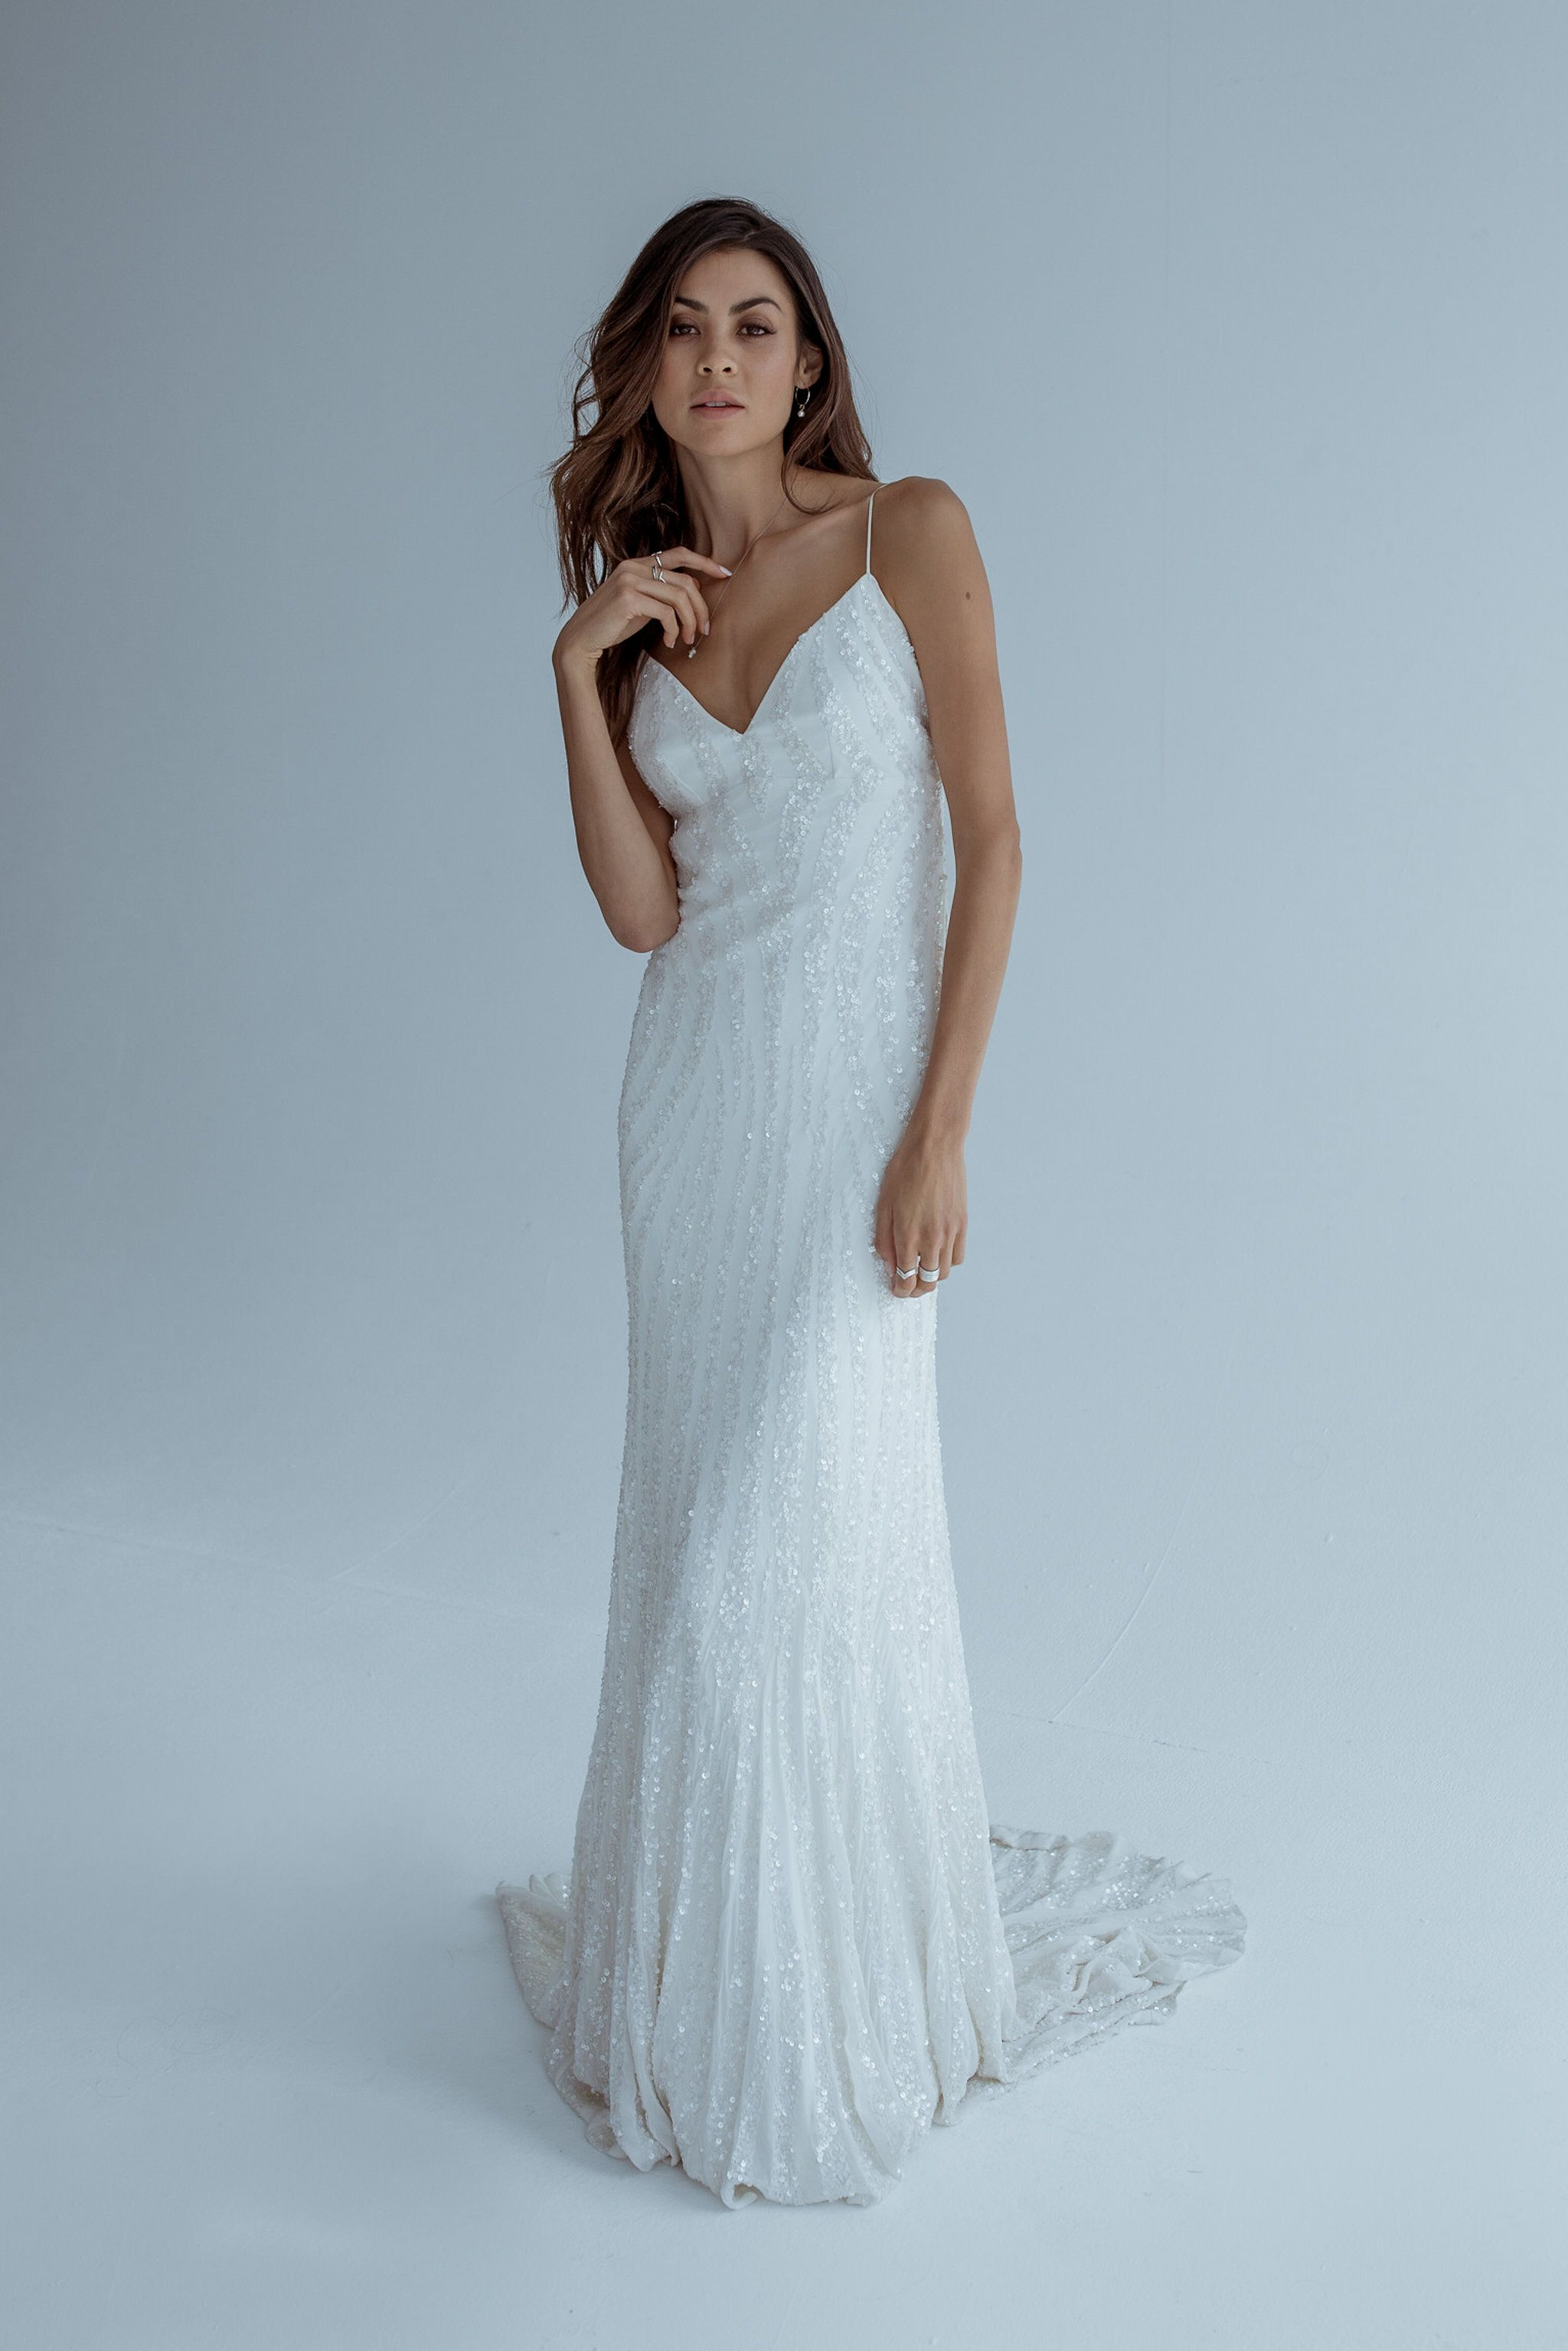 KWH by KAREN WILLIS HOLMES Ellery Buy wedding dress